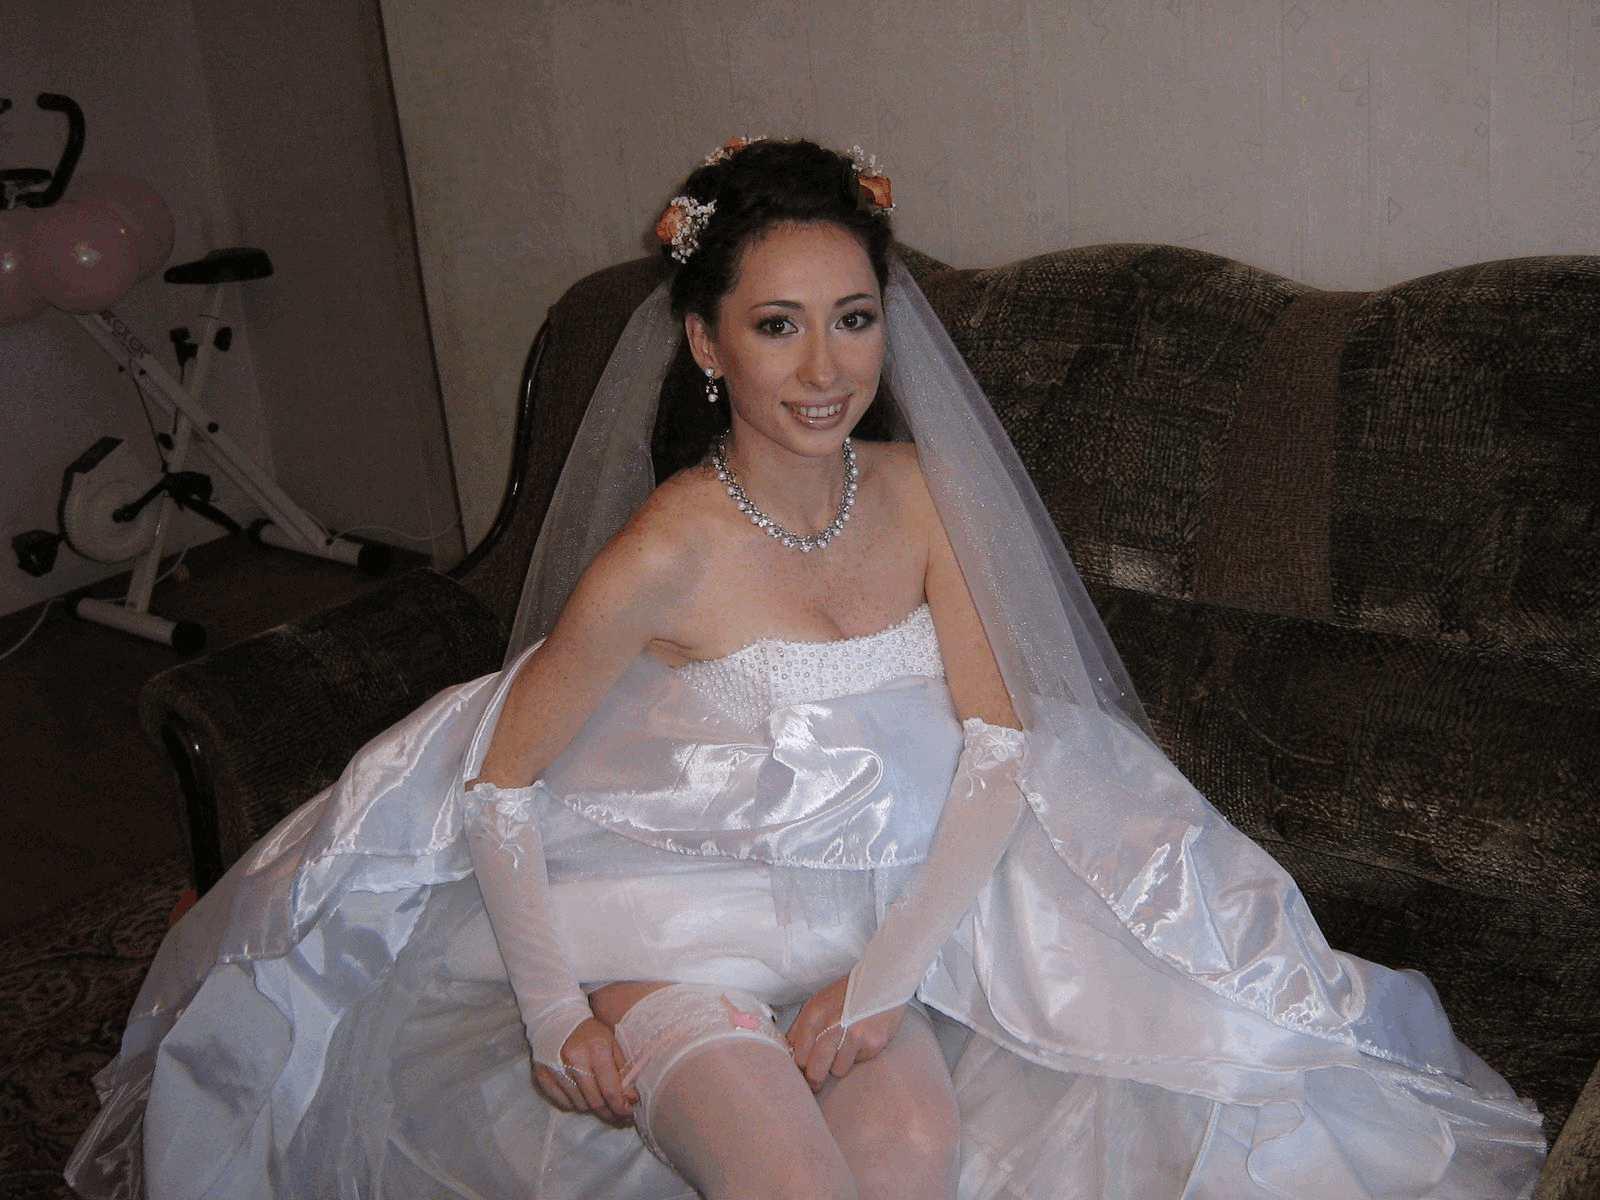 Раздетые невесты фото 16 фотография